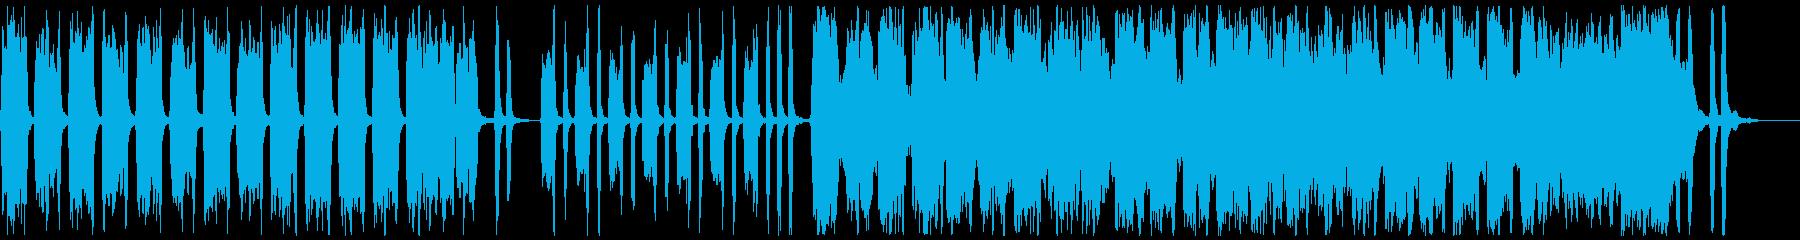 アコーディオンとバイオリンの楽しげな曲aの再生済みの波形